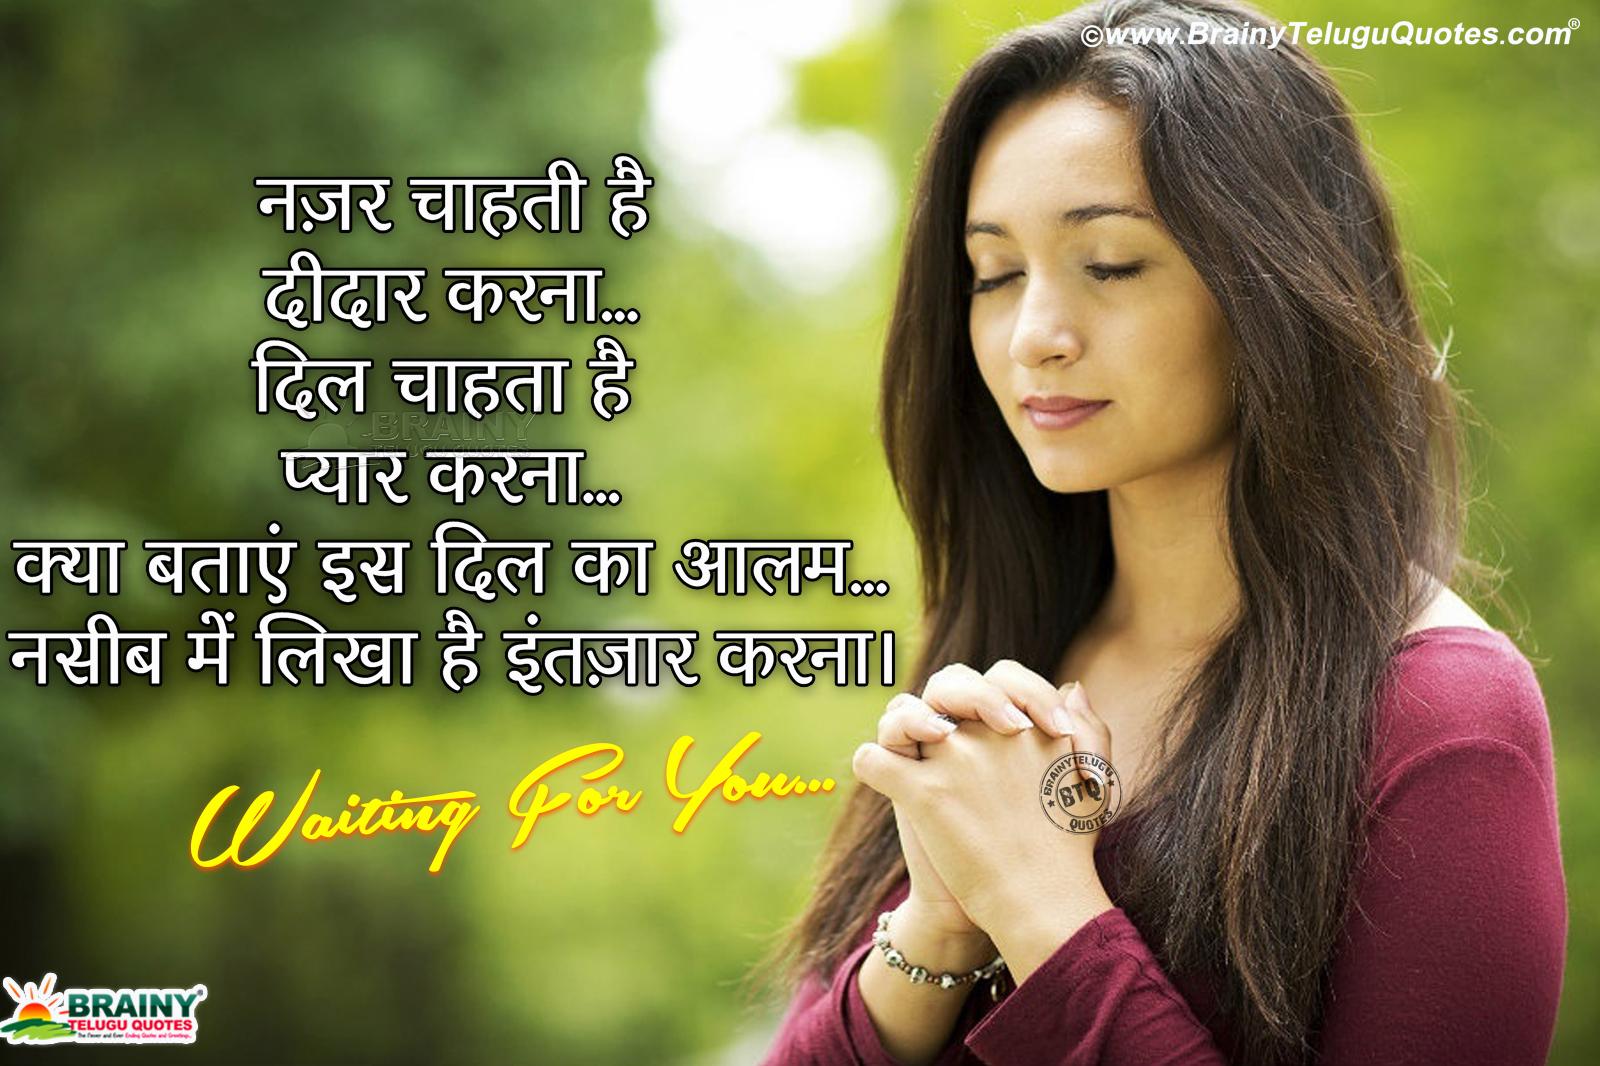 Waiting Quotes In Hindi - HD Wallpaper